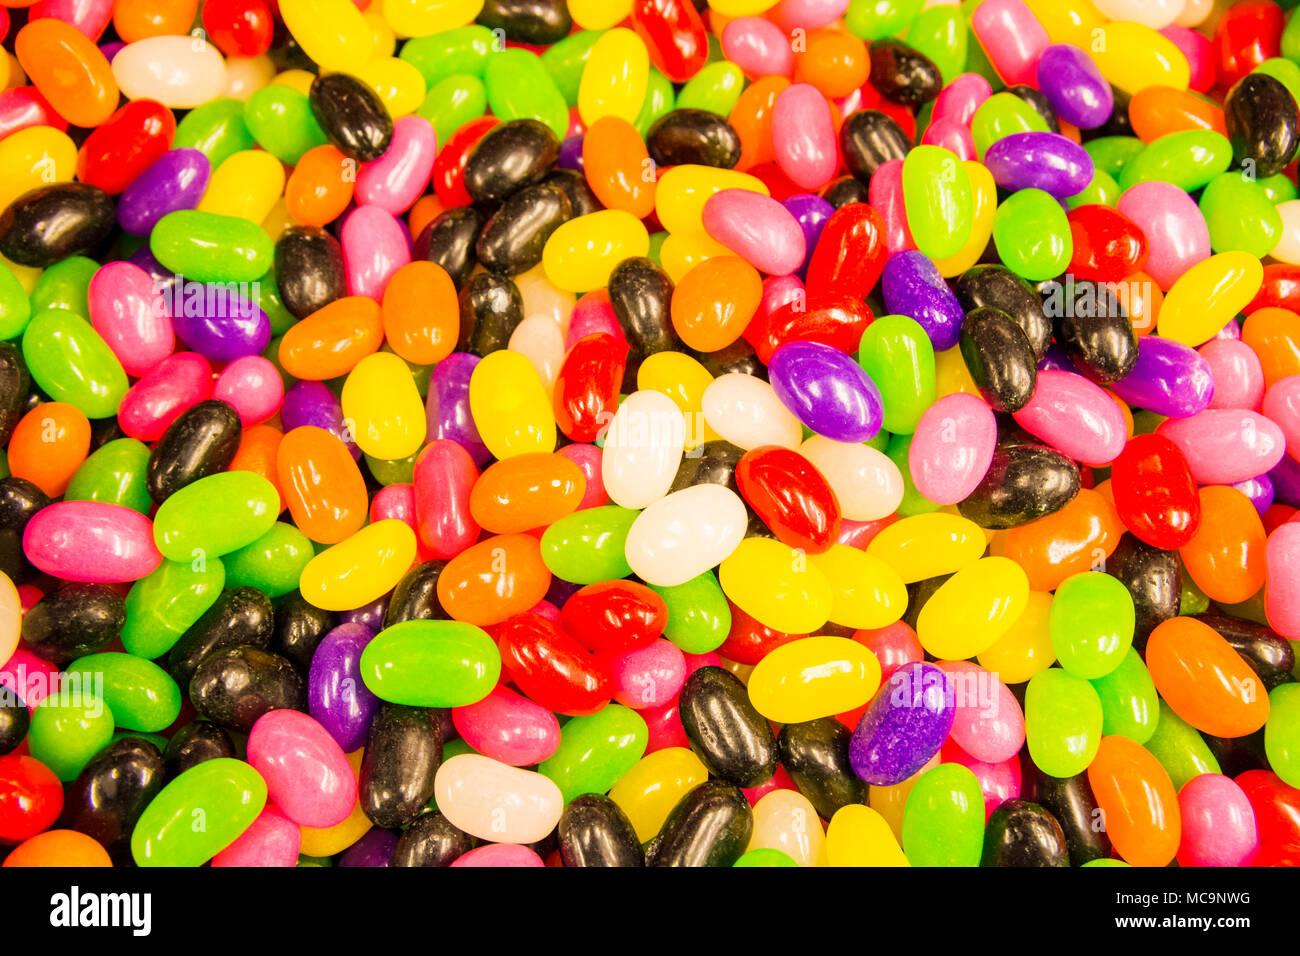 Nahaufnahme von leckeren, süßen, weichen und harten Süßigkeit für ...